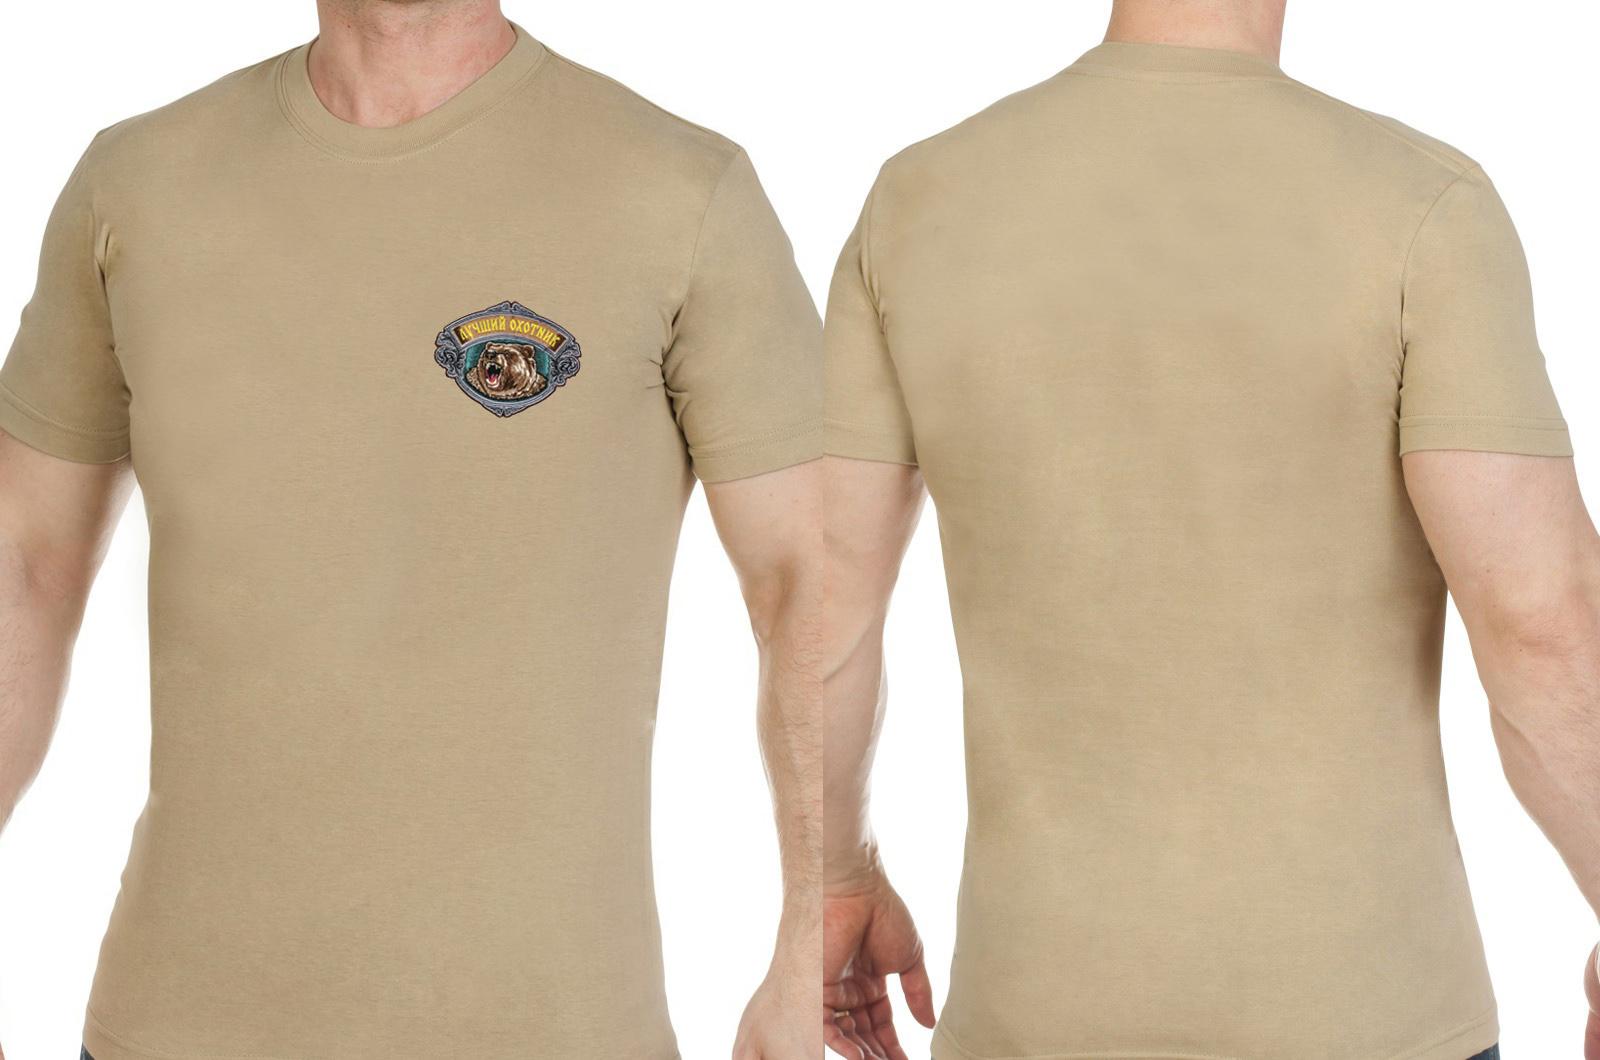 Хлопковая оригинальная футболка с вышивкой Лучший Охотник - купить в Военпро